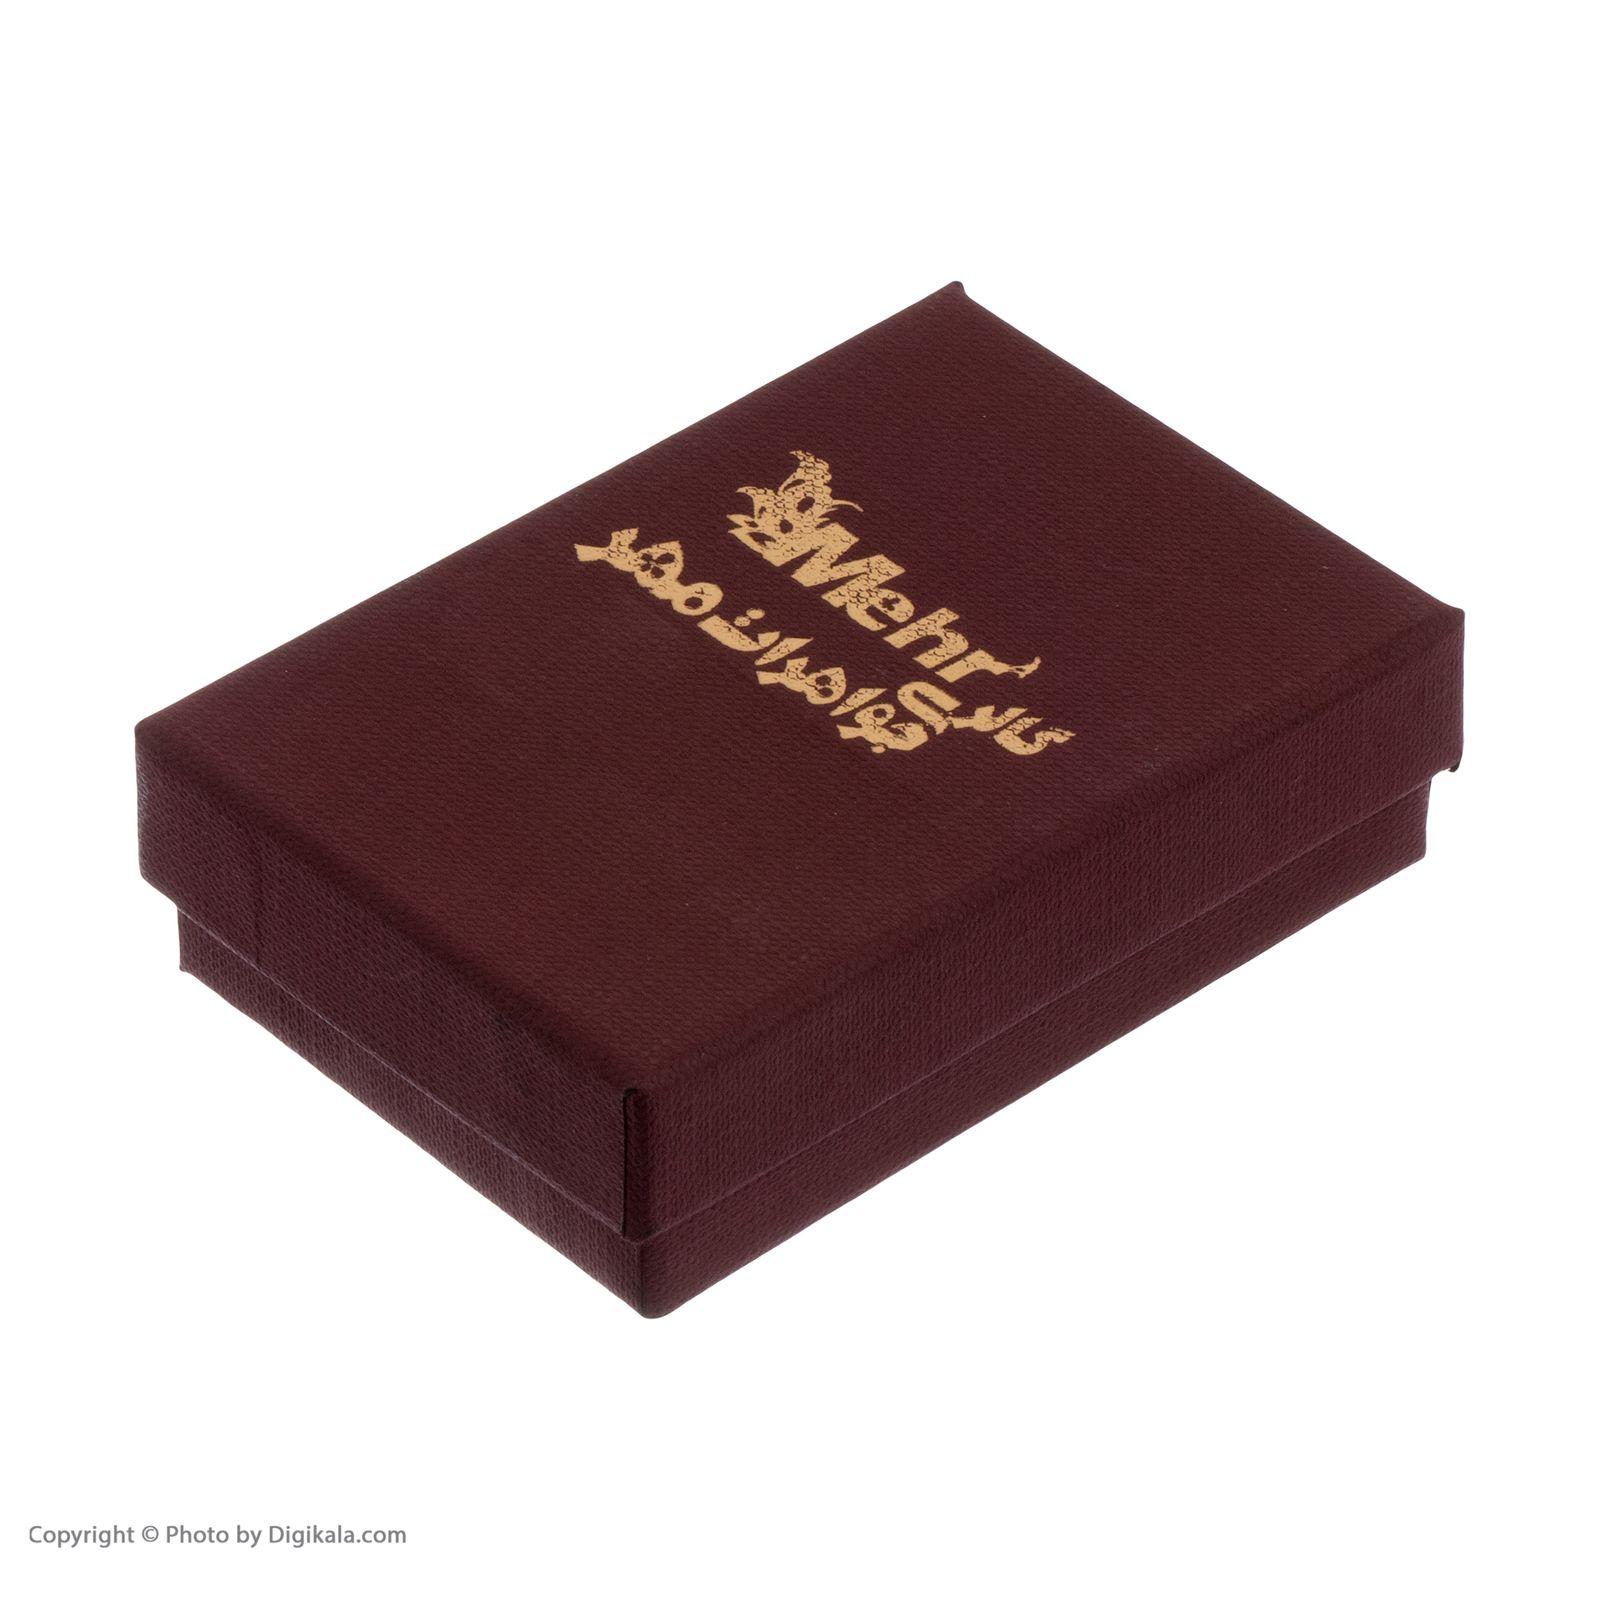 انگشتر طلا 18 عیار زنانه مایا ماهک مدل MR0378 -  - 6